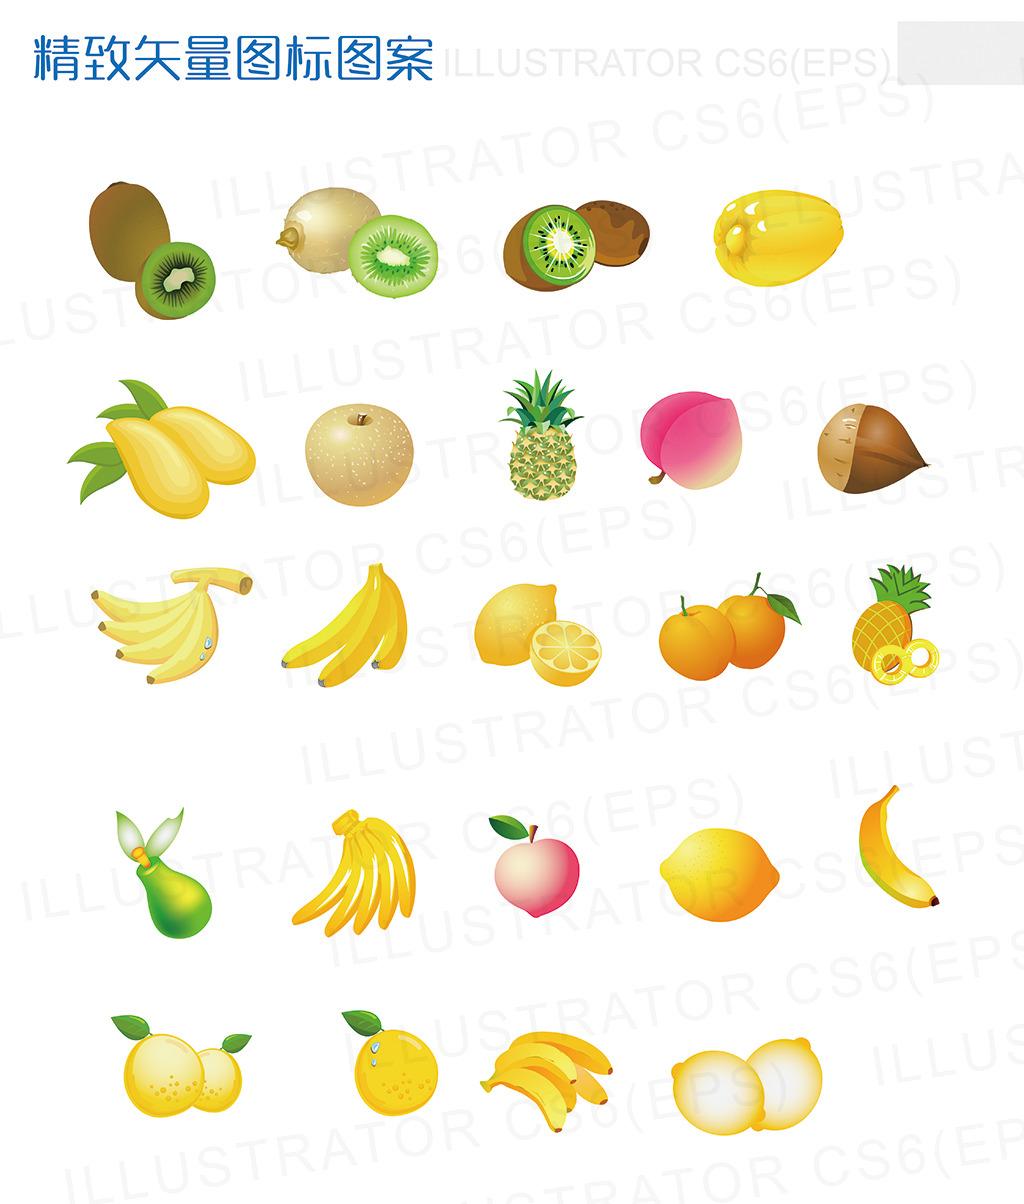 卡通清新水果们图标设计